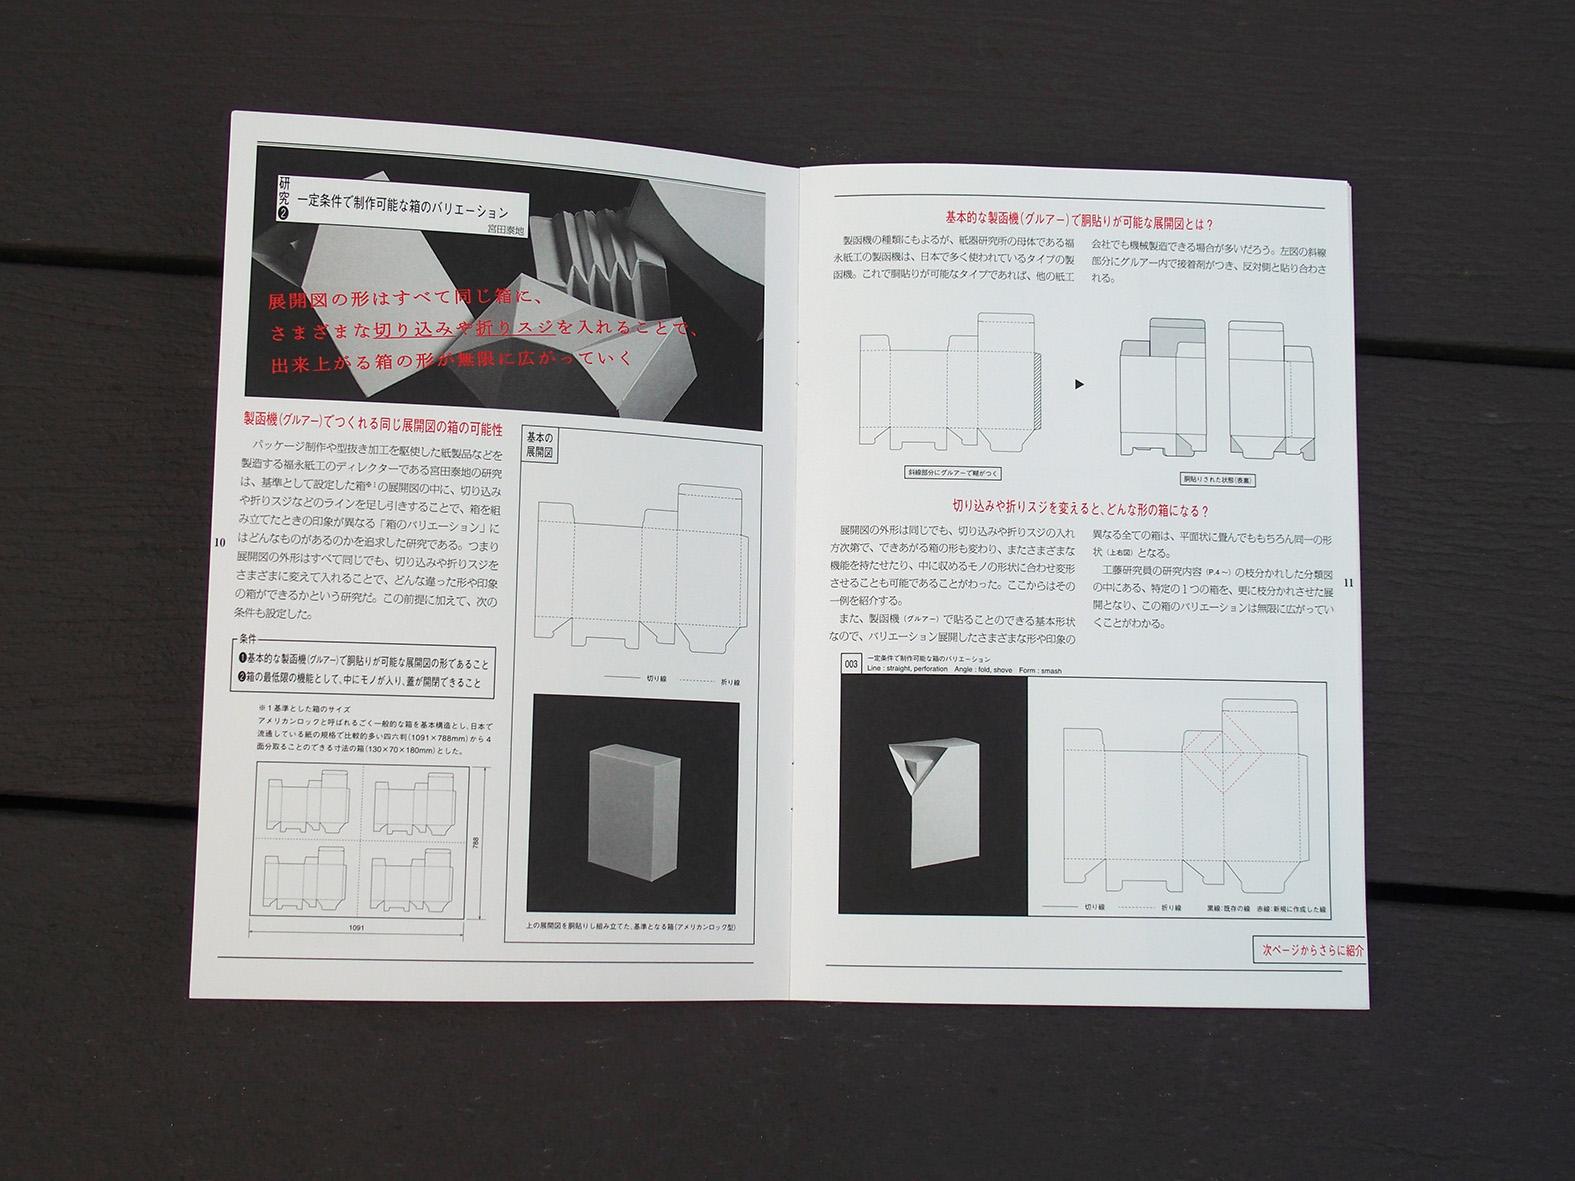 『デザインのひきだし30』発売中!_c0207090_17443639.jpg